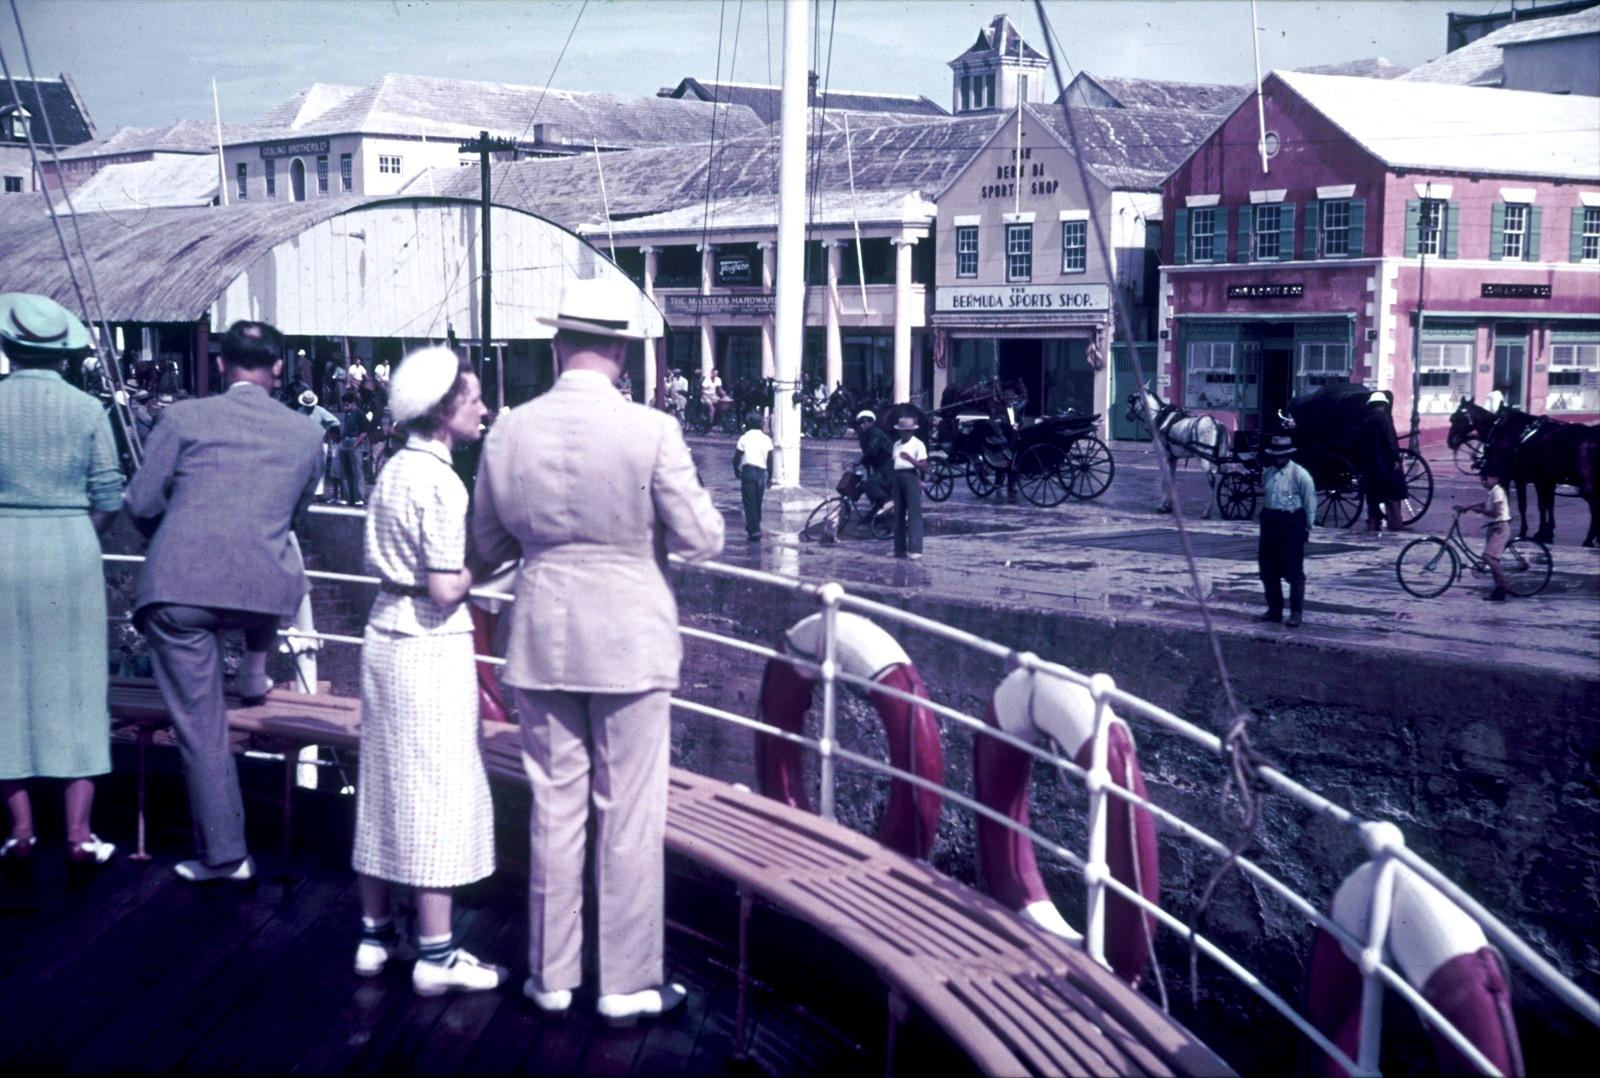 Бермудские острова. Гамильтон. Вид на набережную с палубы пассажирского судна.